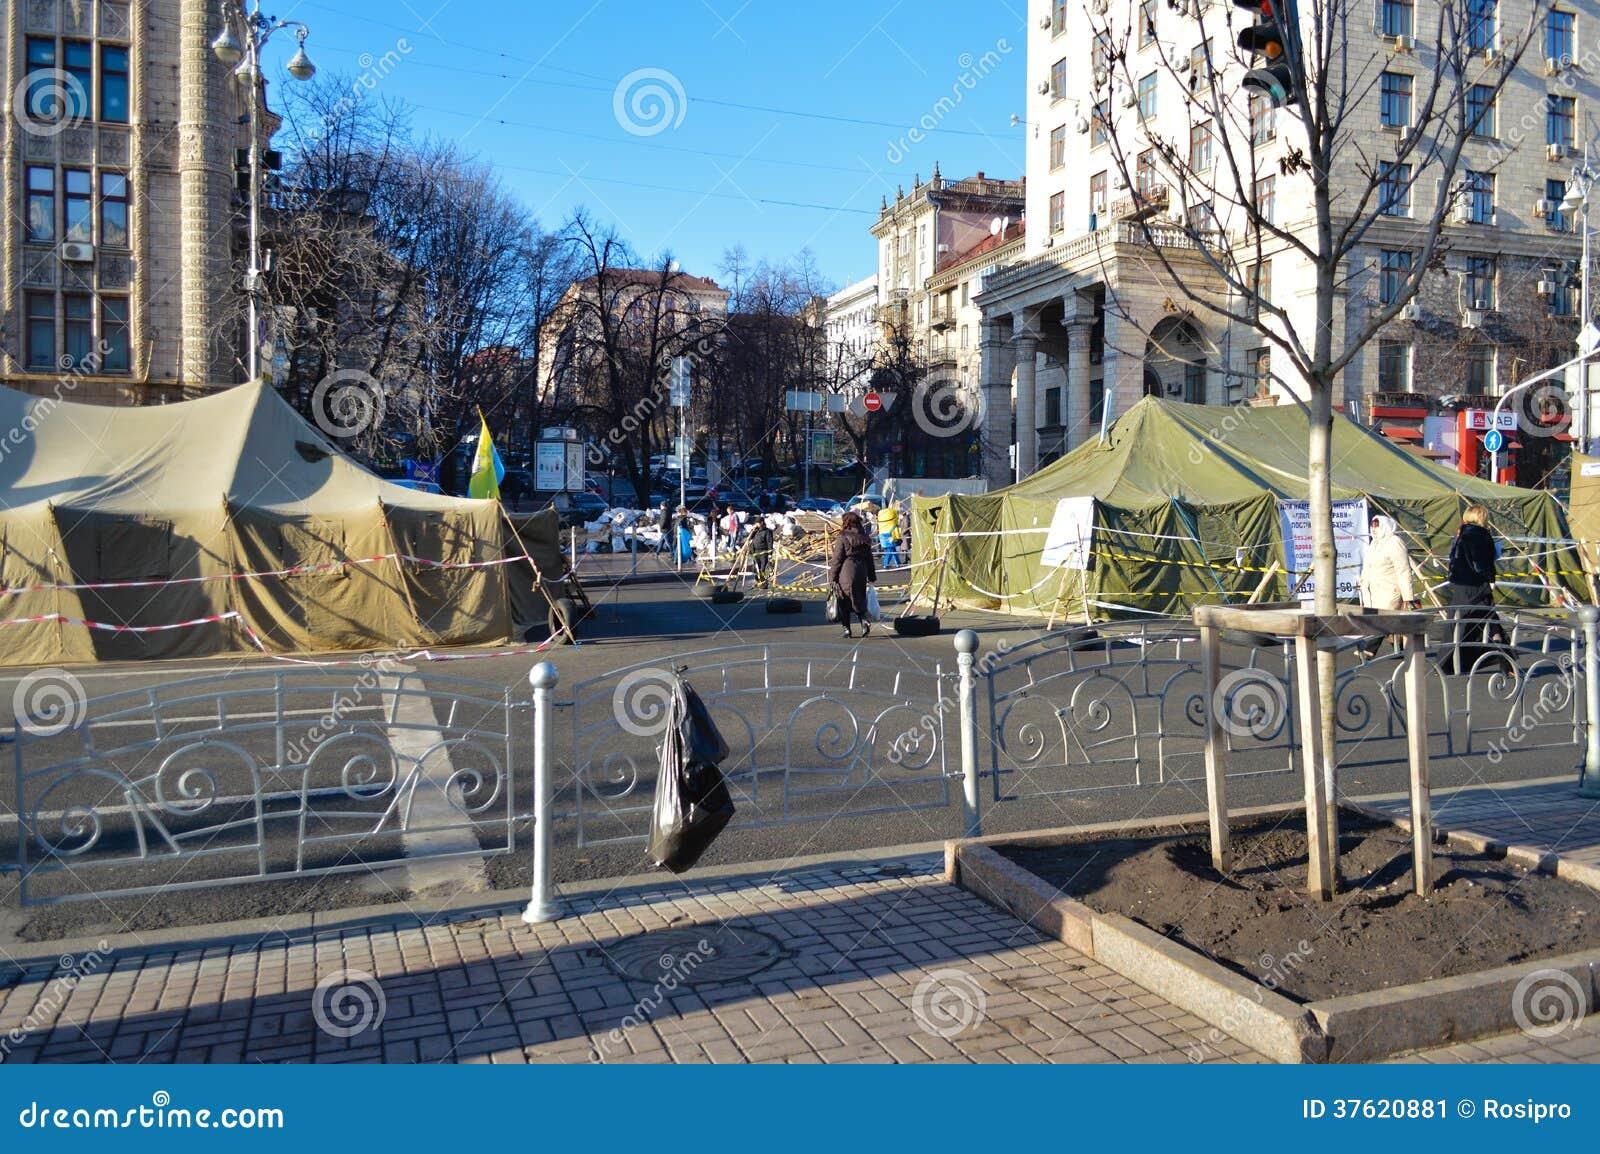 26-ое декабря 2013 Киев, Украина: Euromaidan, Maydan, detailes Maidan баррикад и шатров на улице Khreshchatik